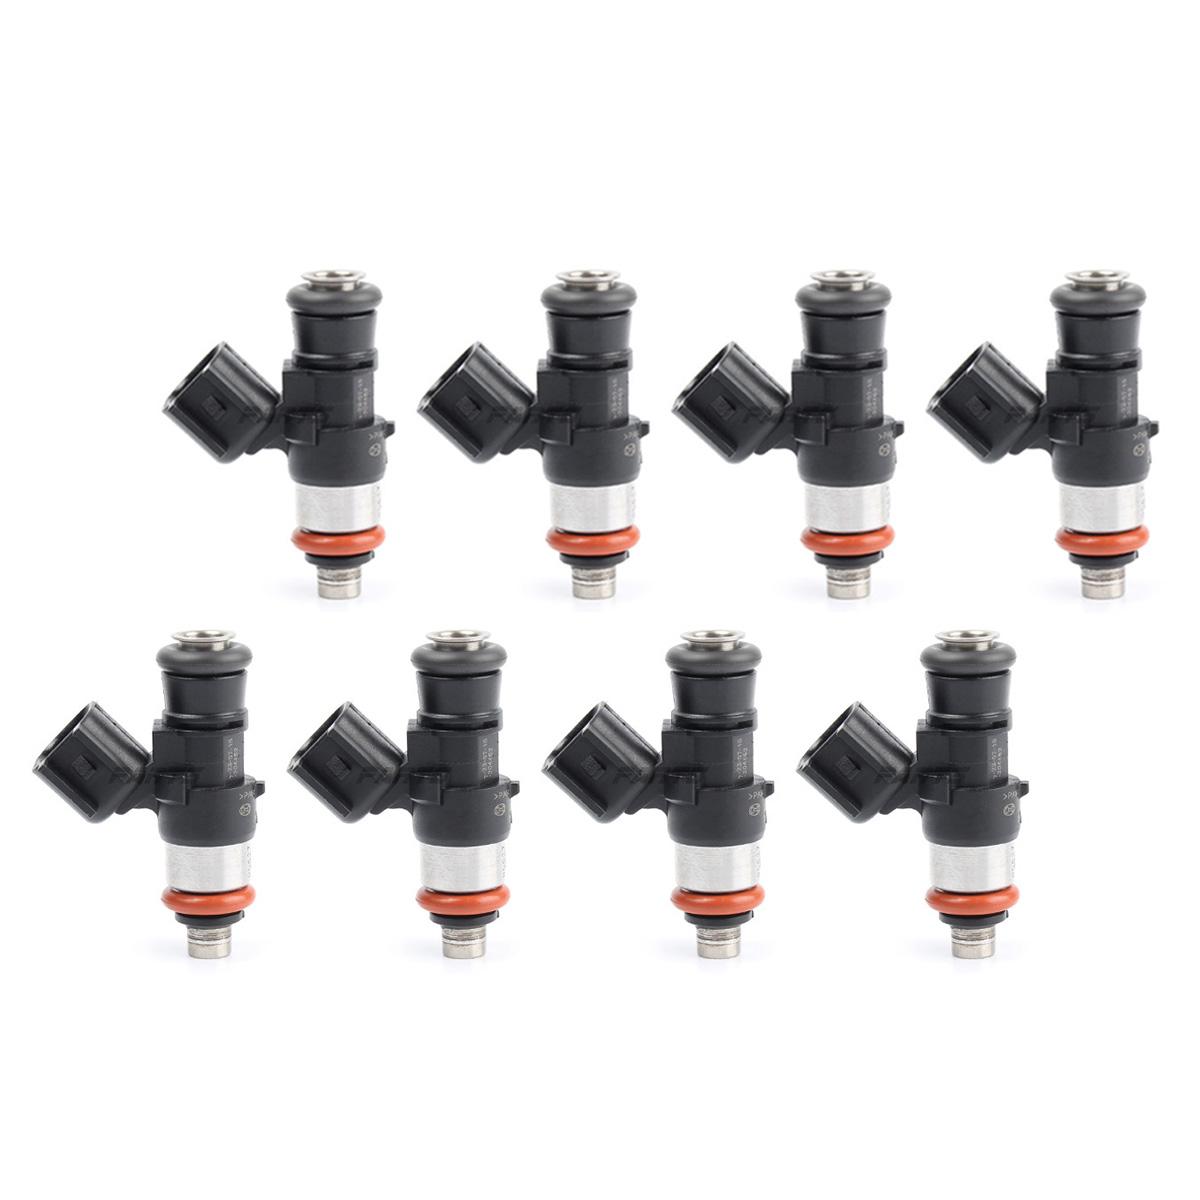 8x OEM Fuel Injector For LS3 LS7 L76 L9 L98 L99 Corvette C6 Z06 Camaro 42LB//hr